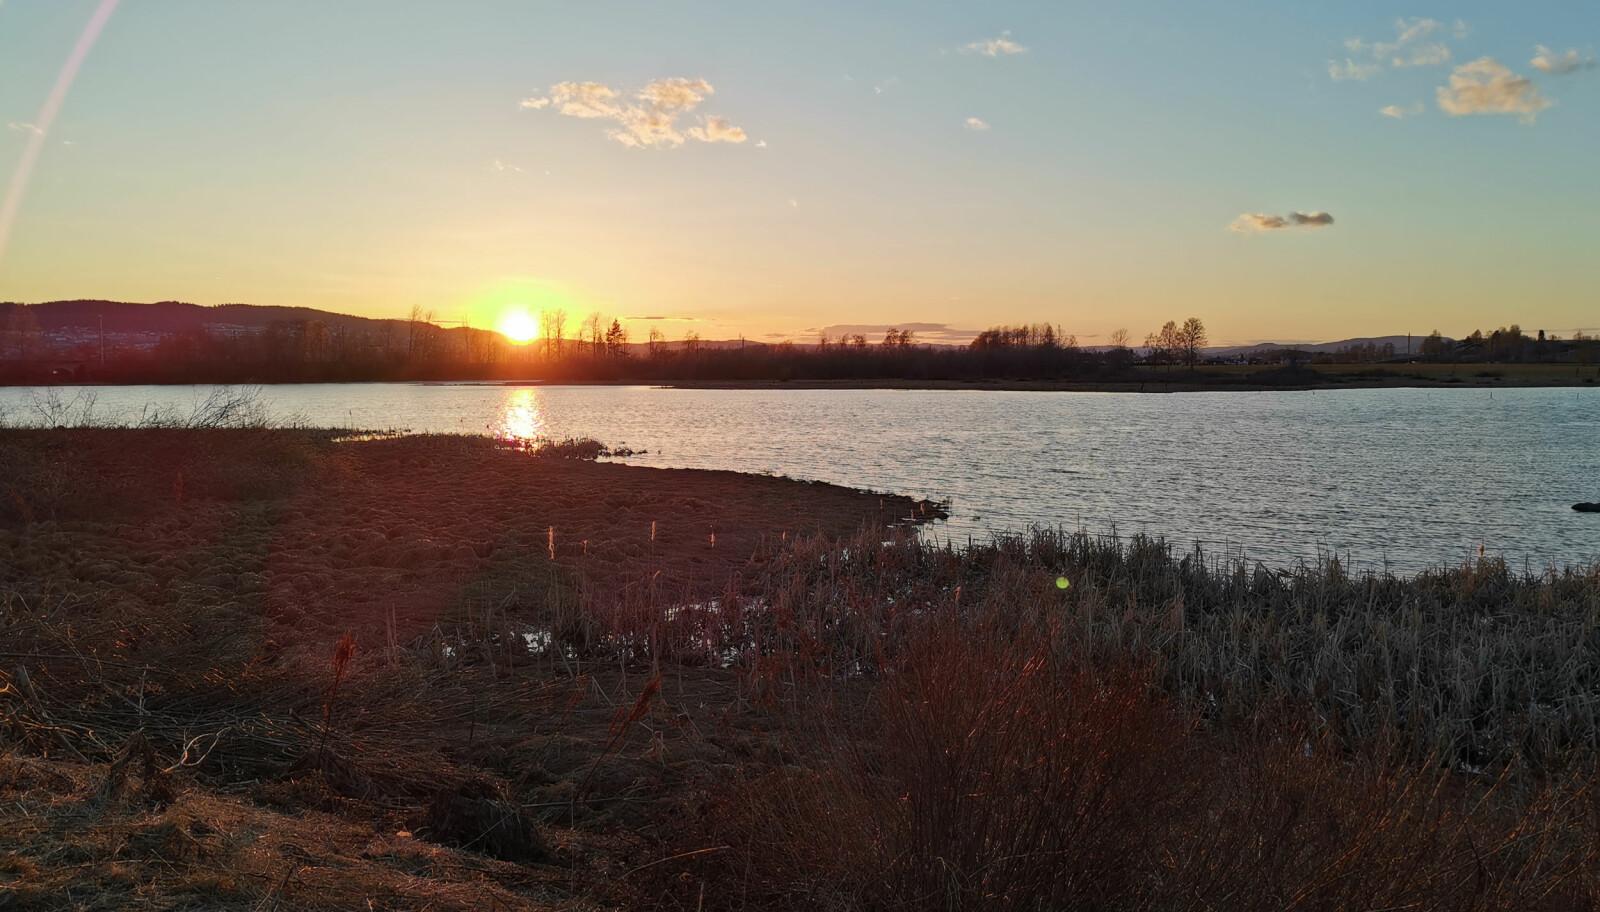 <b>AUTOMATIKK:</b> AI-funksjonen på Huawei P30 Pro kjenner veldig ofte igjen motivet du forsøker å fotografere og justerer bildet slik at det skal bli best mulig. Her oppdaget mobilen umiddelbart at vi forsøkte å fotografere en solnedgang.